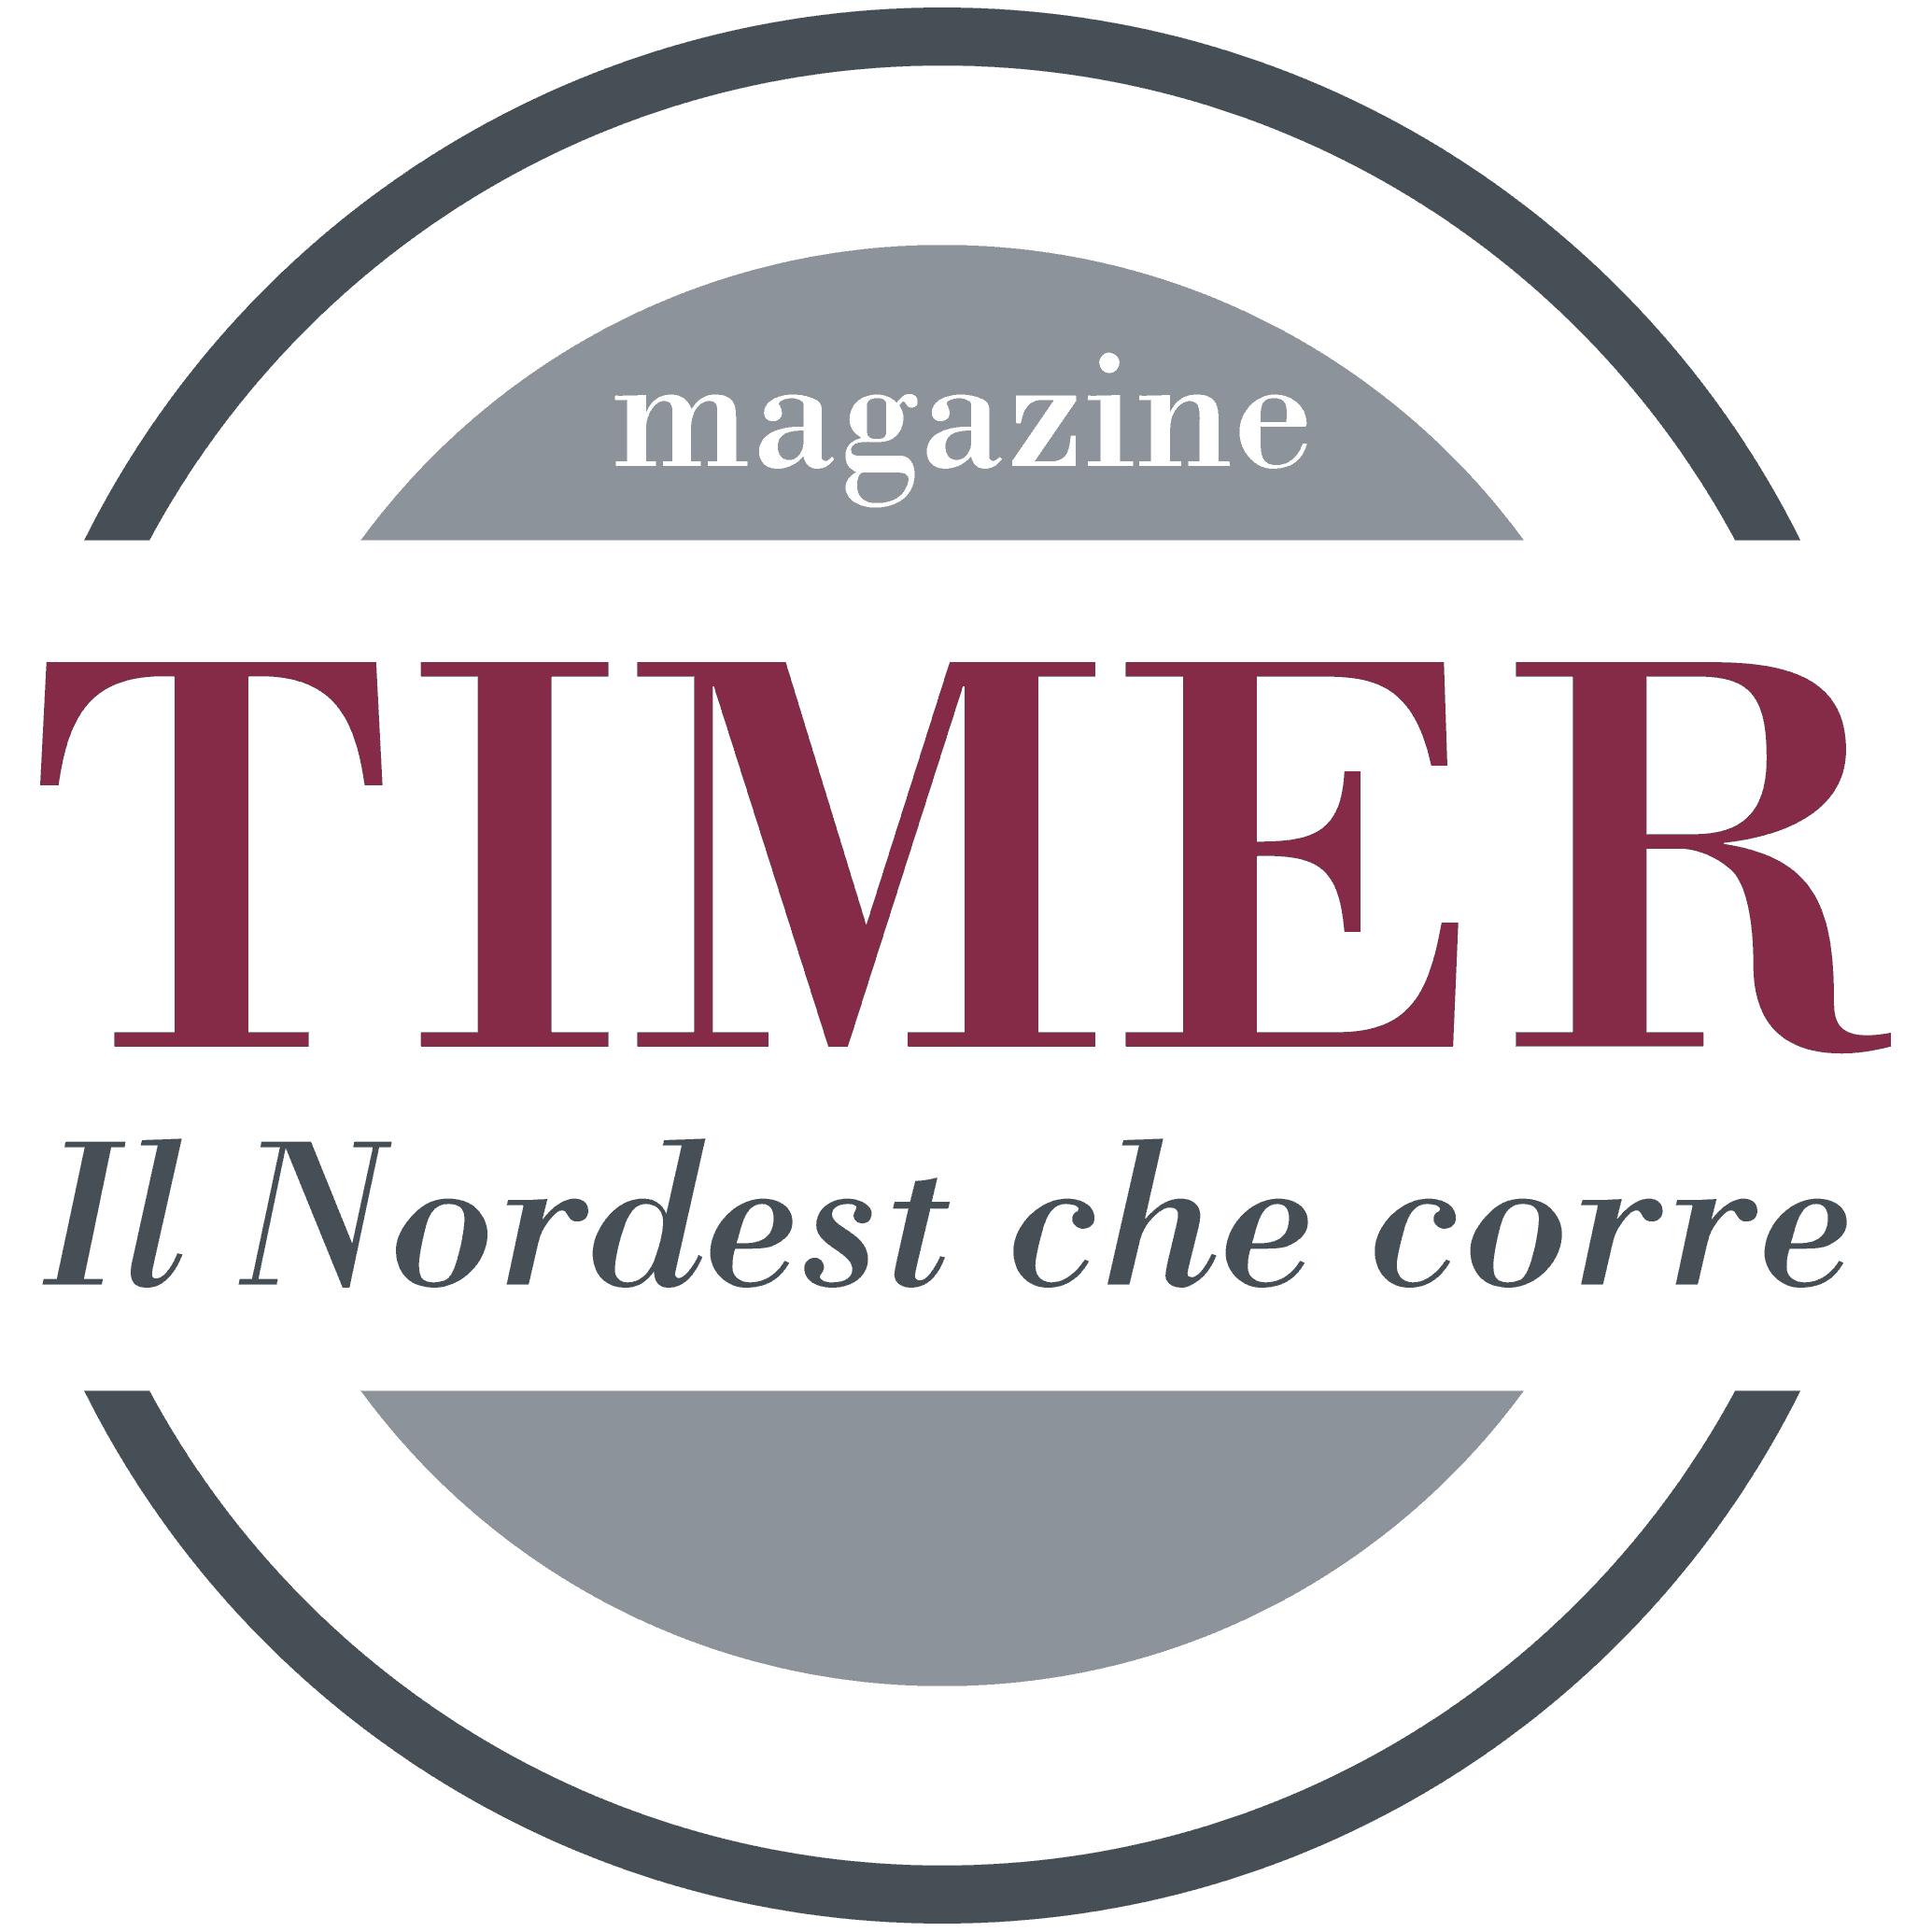 Timermagazine – articolo